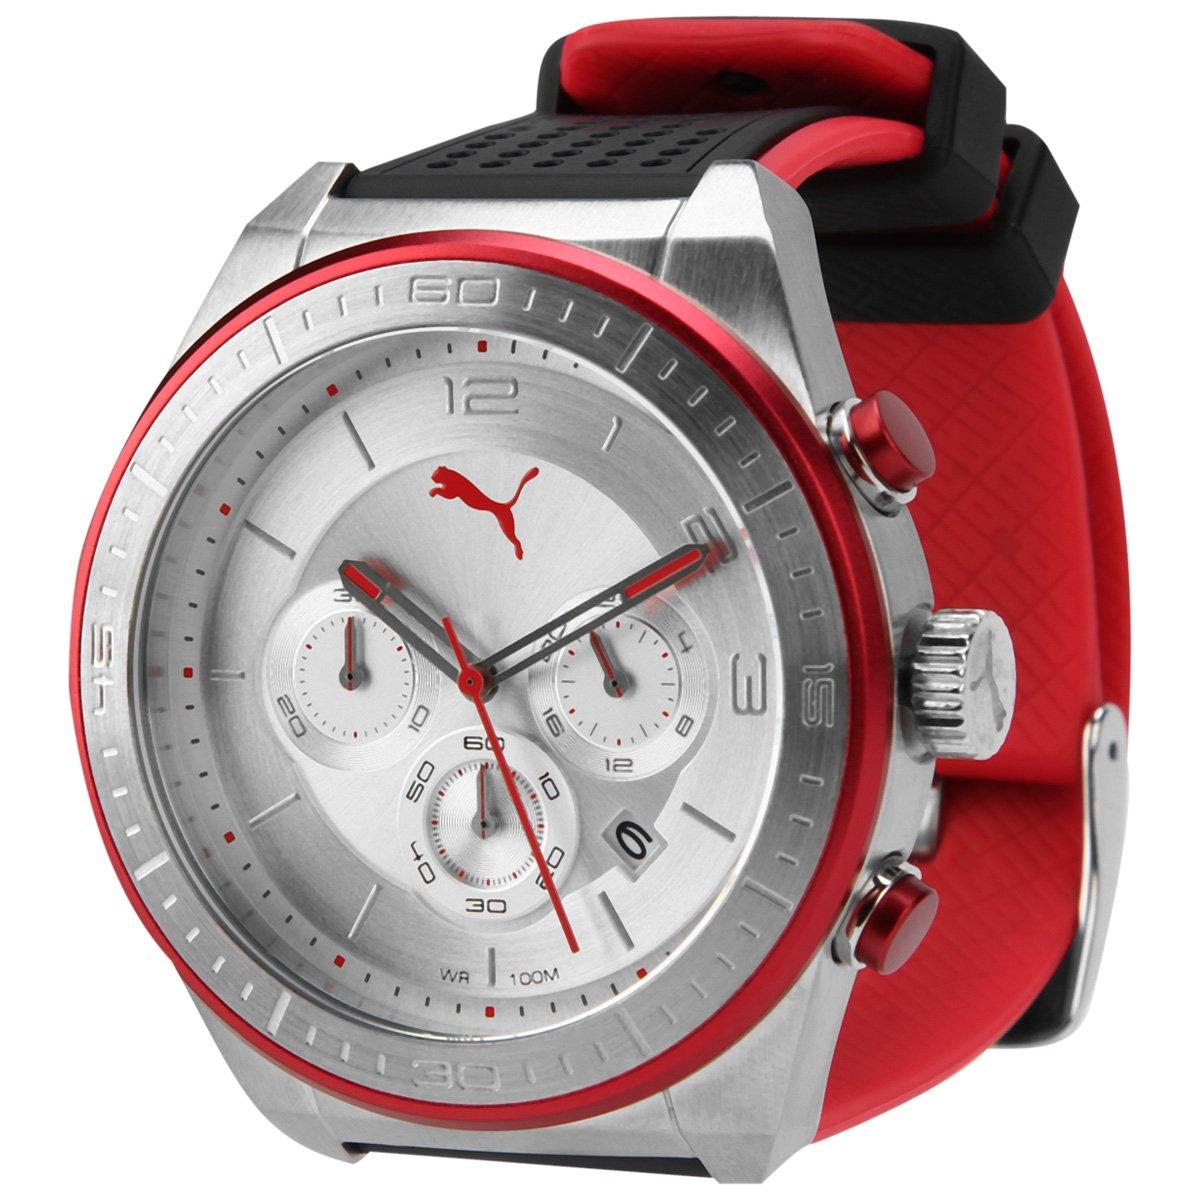 64ad142d2ac Relógio Puma Edge - Compre Agora